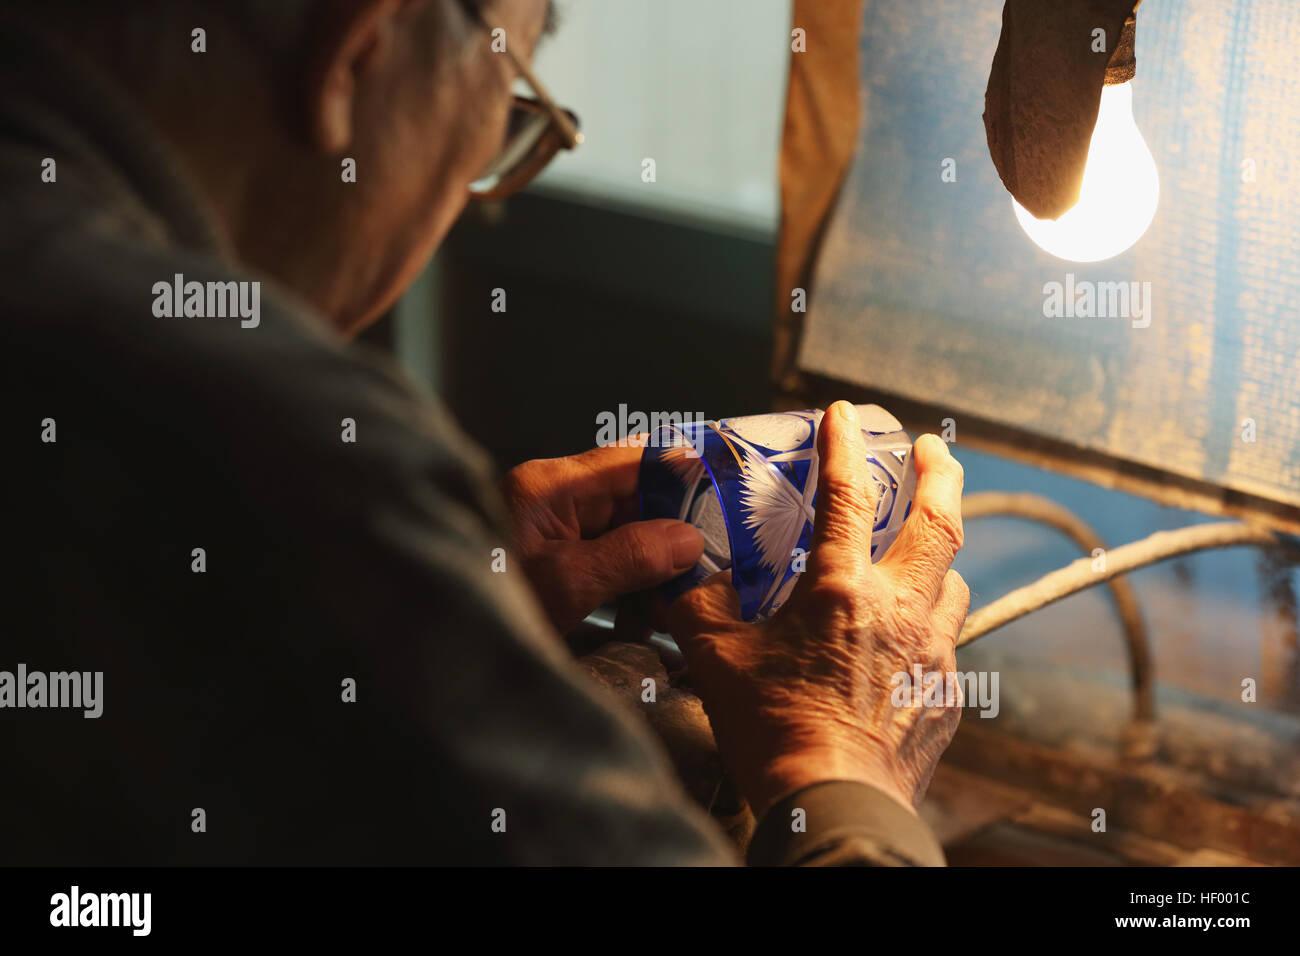 Edo Kiriko cristalería artesanal tradicional japonés trabajando en el estudio Foto de stock